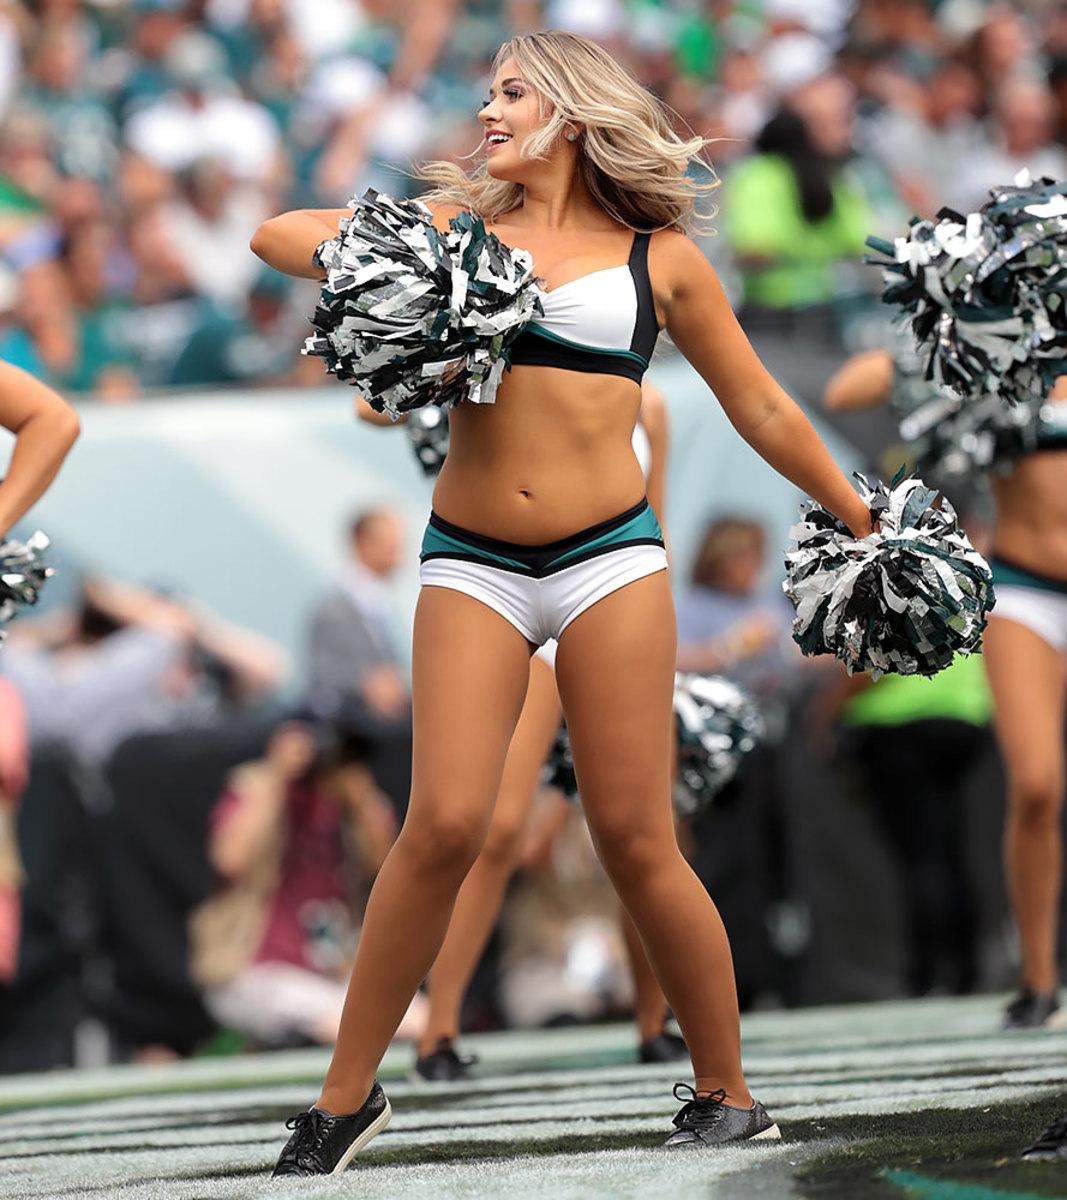 Philadelphia-Eagles-cheerleaders-SI538_TK1_01346.jpg